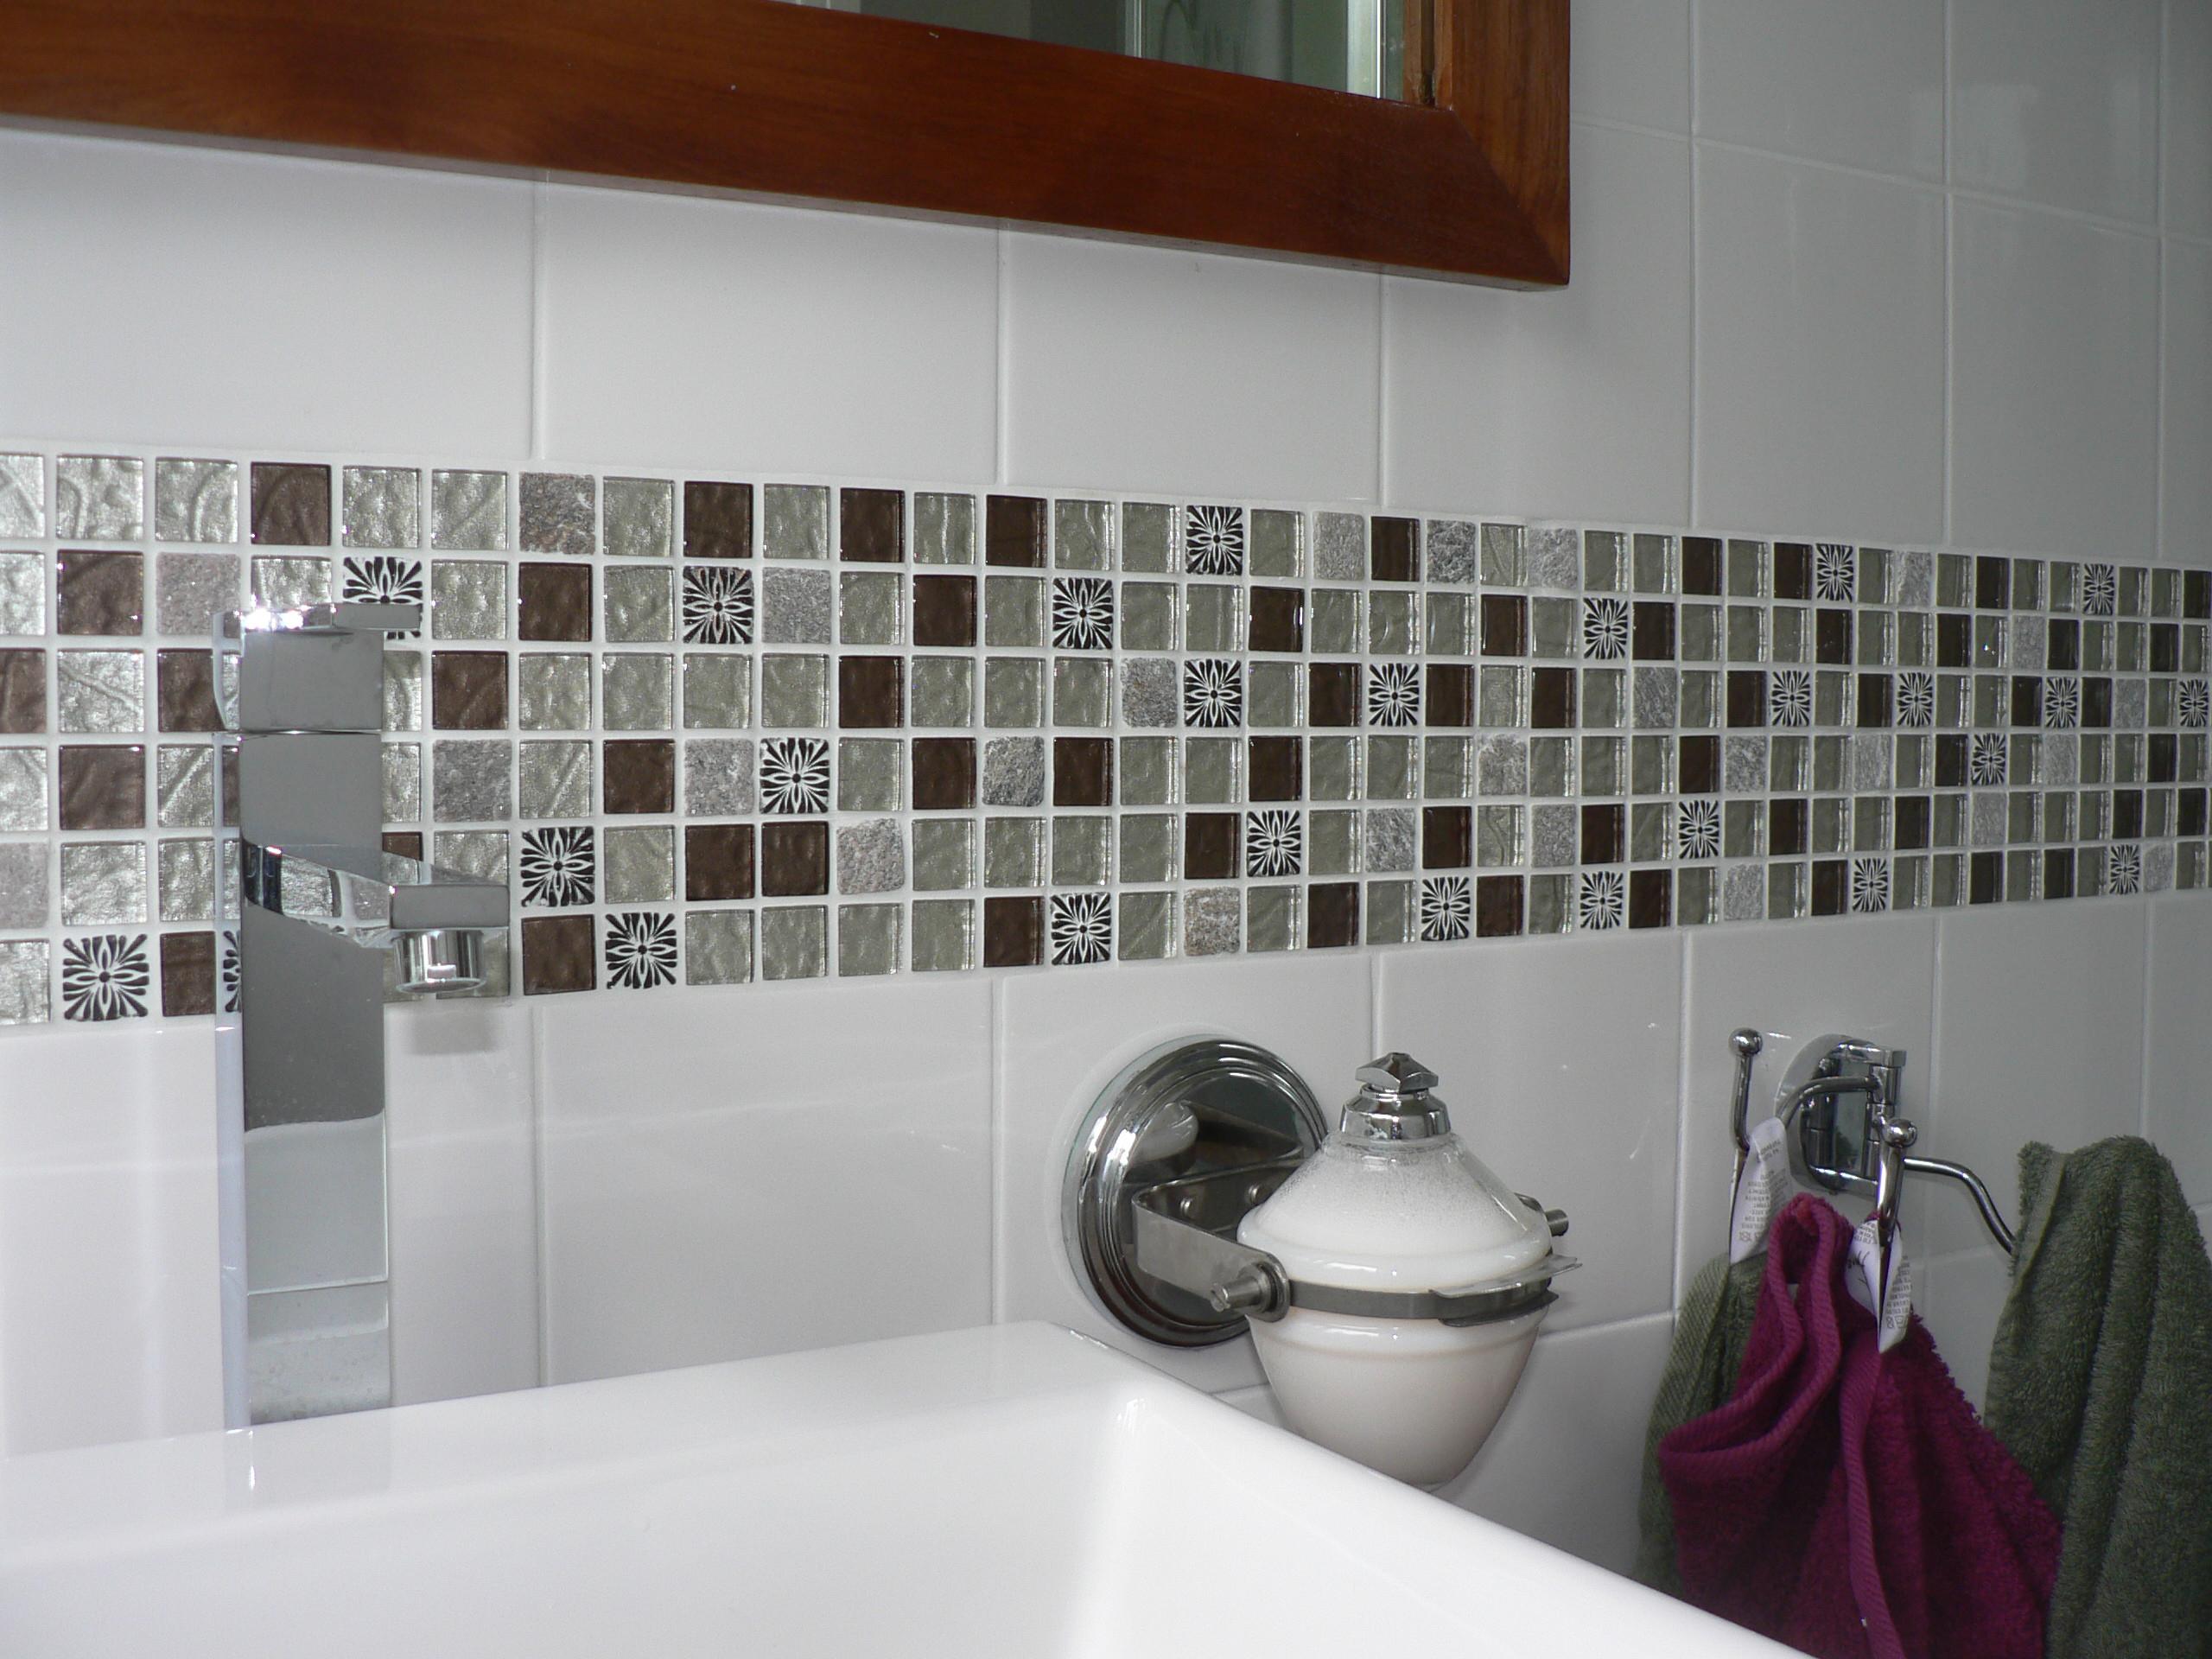 Faience Salle De Bain Castorama Élégant Images Faience Salle De Bain Castorama De Luxe Mosaique Castorama